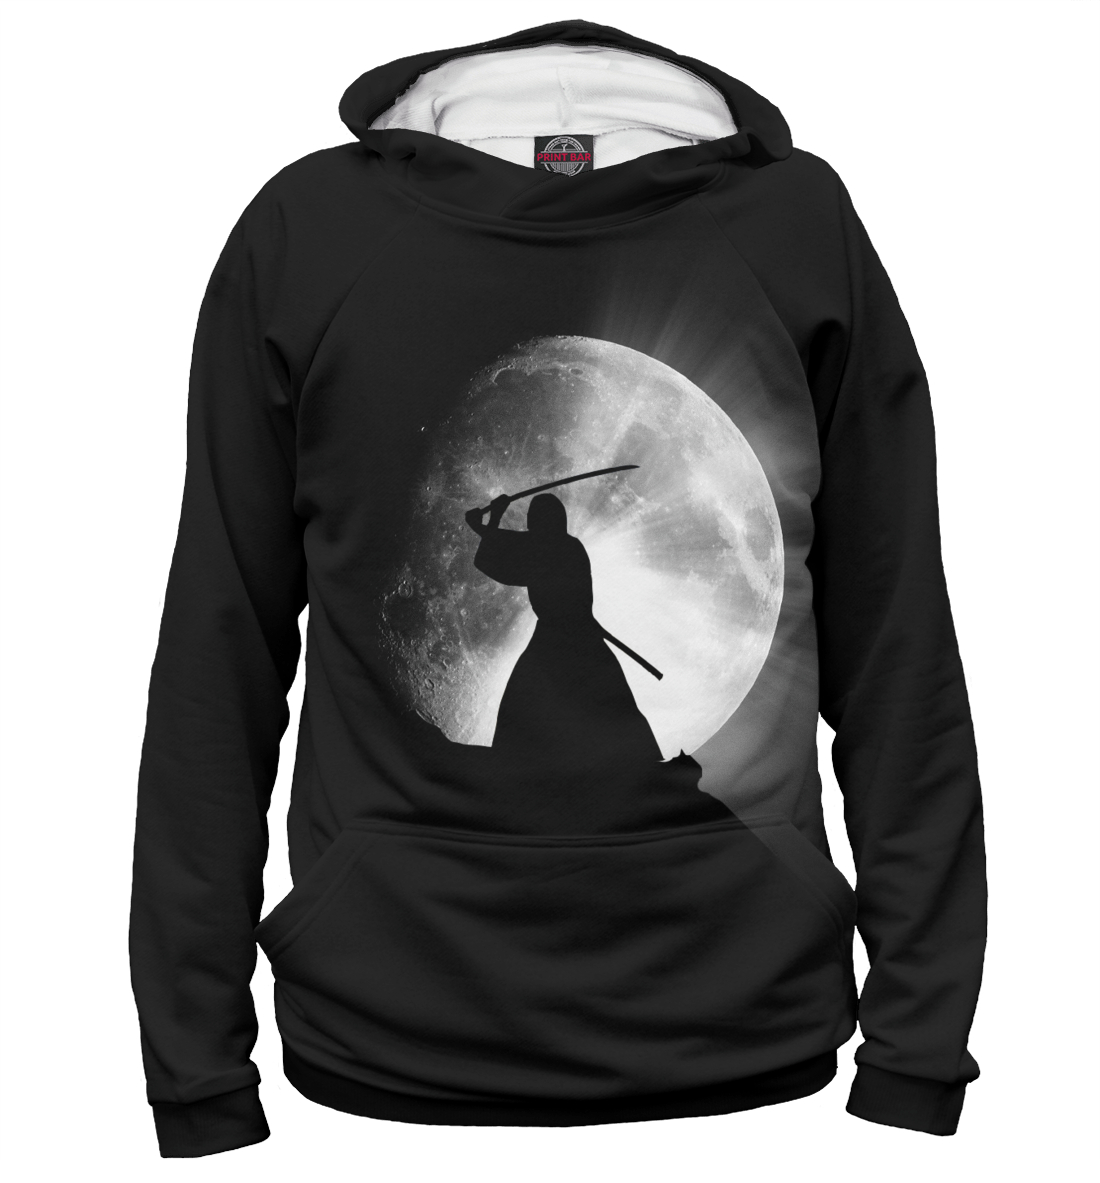 Купить Самурай и луна, Printbar, Худи, EDI-513404-hud-1